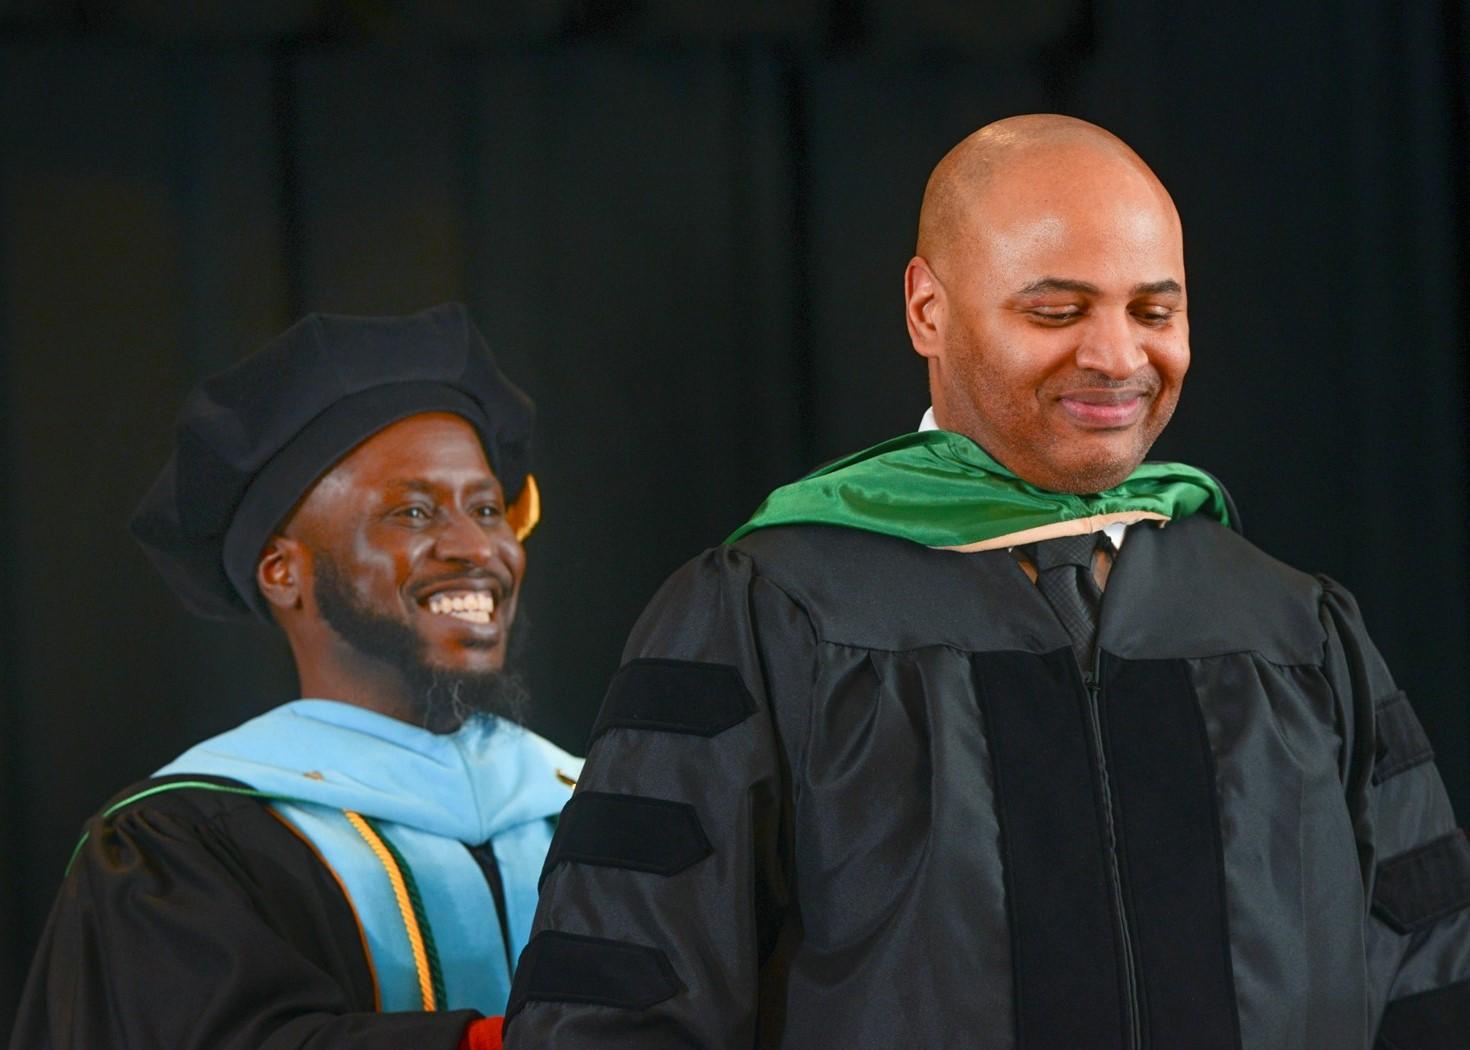 Wilmington University Alumnus Richard Johnson's No-Nonsense Attitude Has Served Him Well